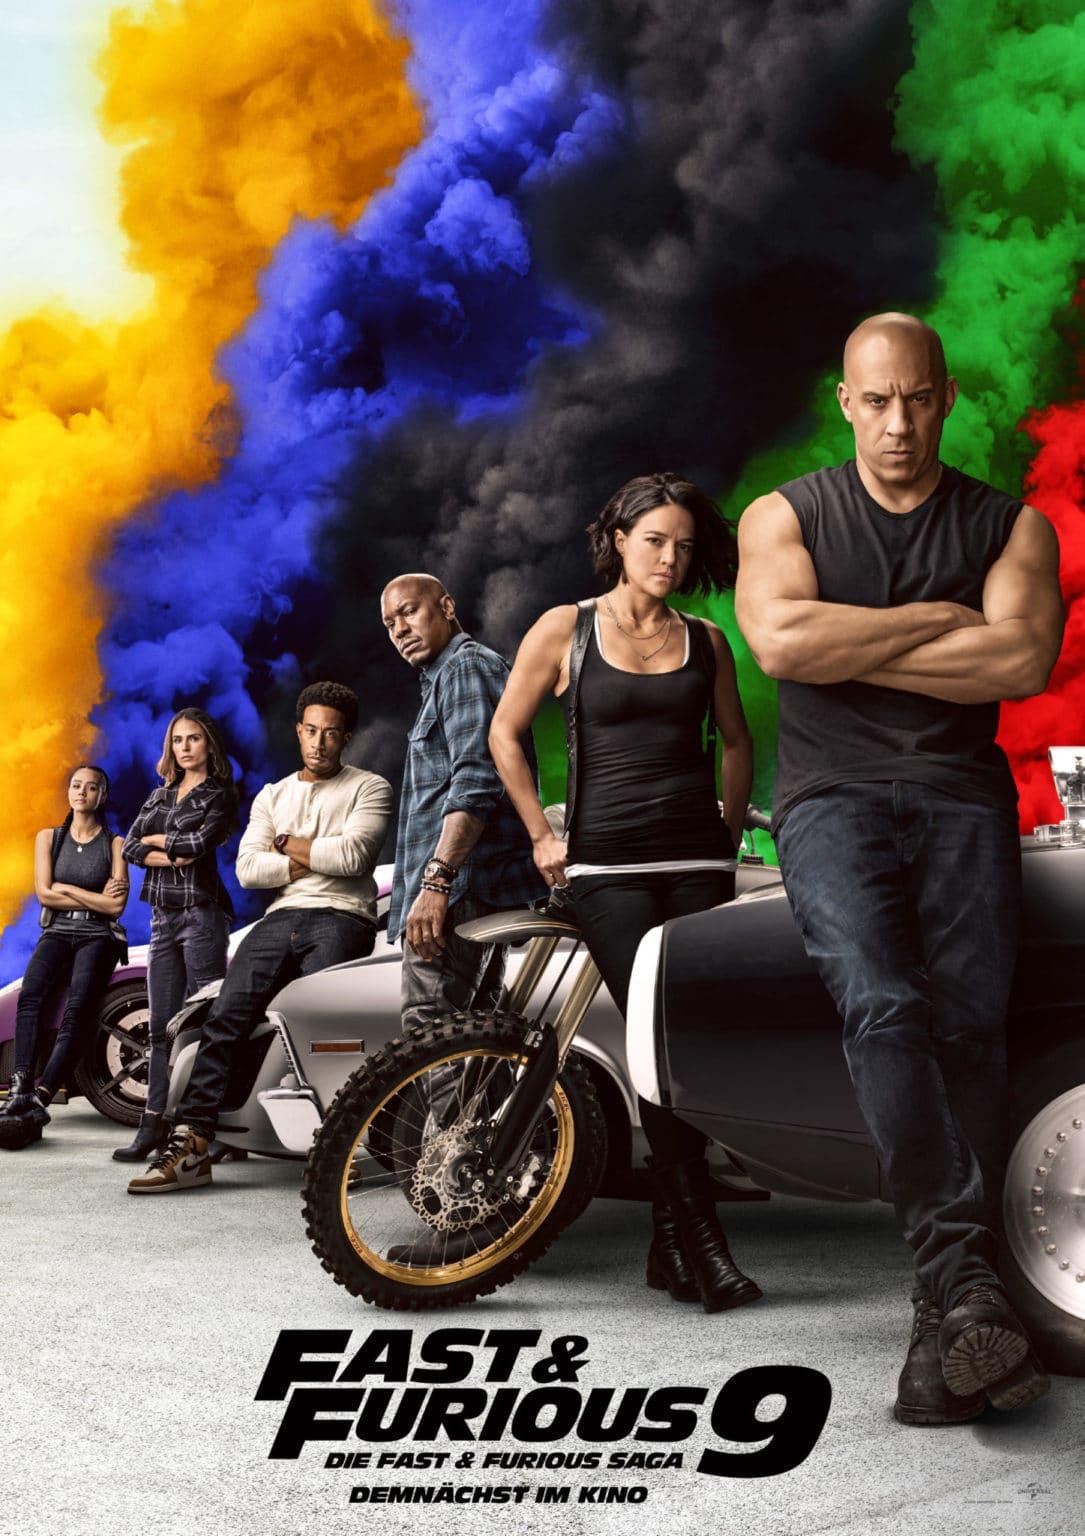 Vin Diesel, Michelle Rodriguez und vier weitere Personen aus Fast & Furious 9 stehen vor ihren Rennfahrzeugen. Im Hintergrund steigt bunter Rauch auf. Das Franchise soll nach elf Filmen der Hauptreihe beendet werden - unser Filmtoast Newsbrunch.